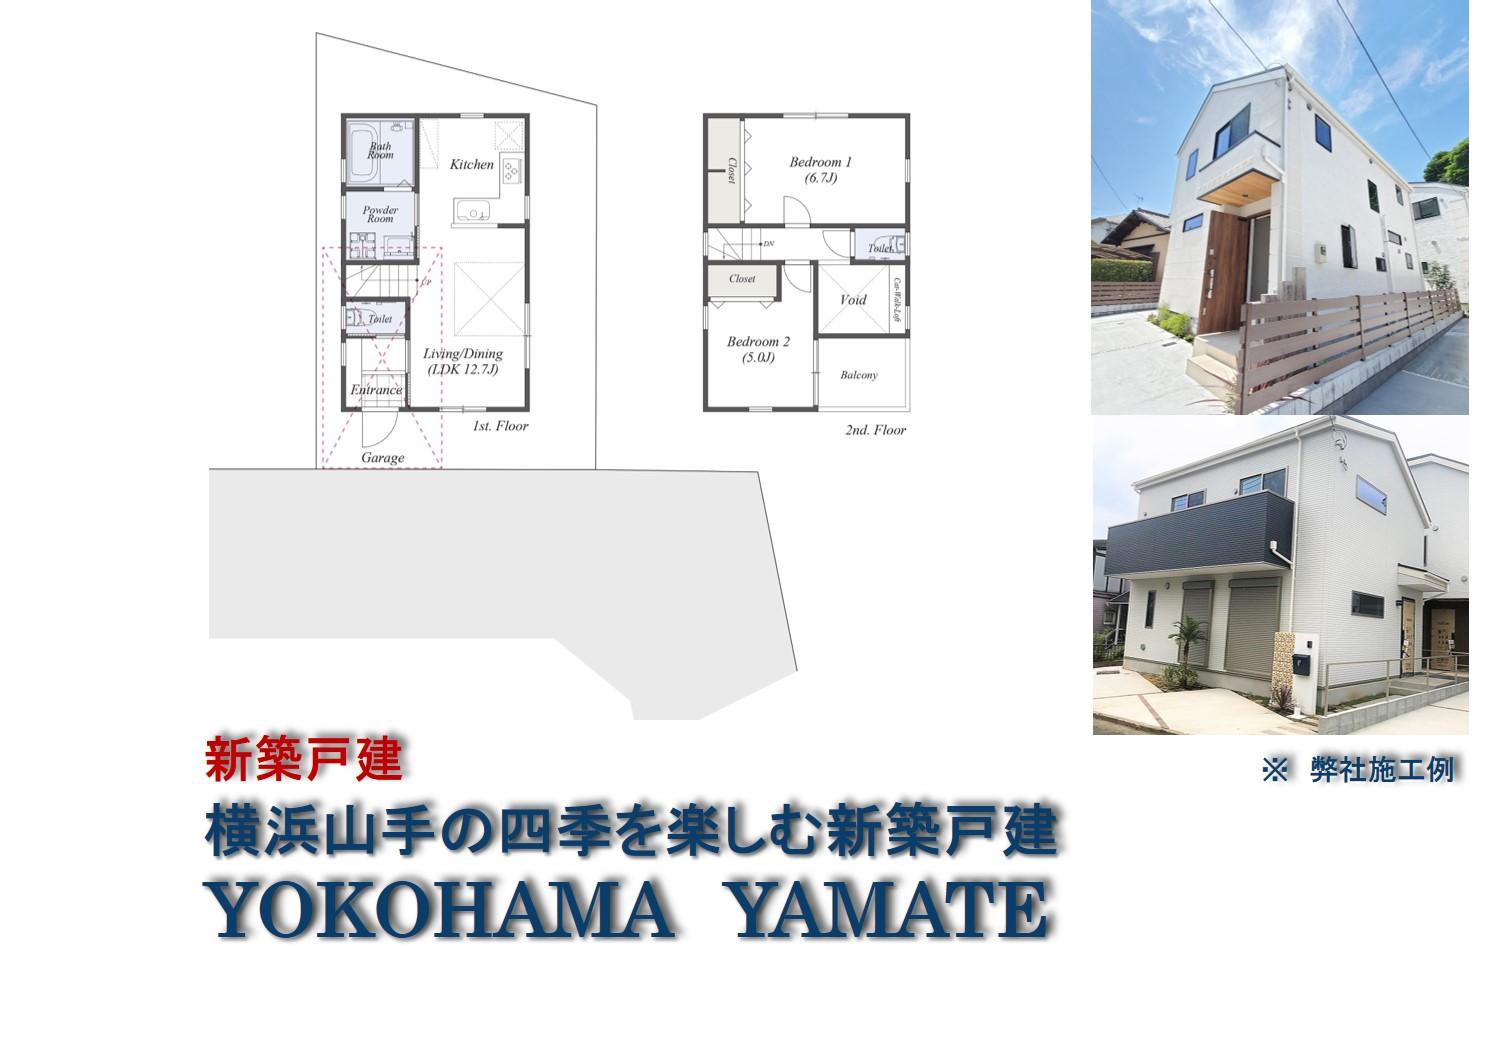 横浜山手の四季を楽しむ新築戸建 |YOKOHAMA YAMATE